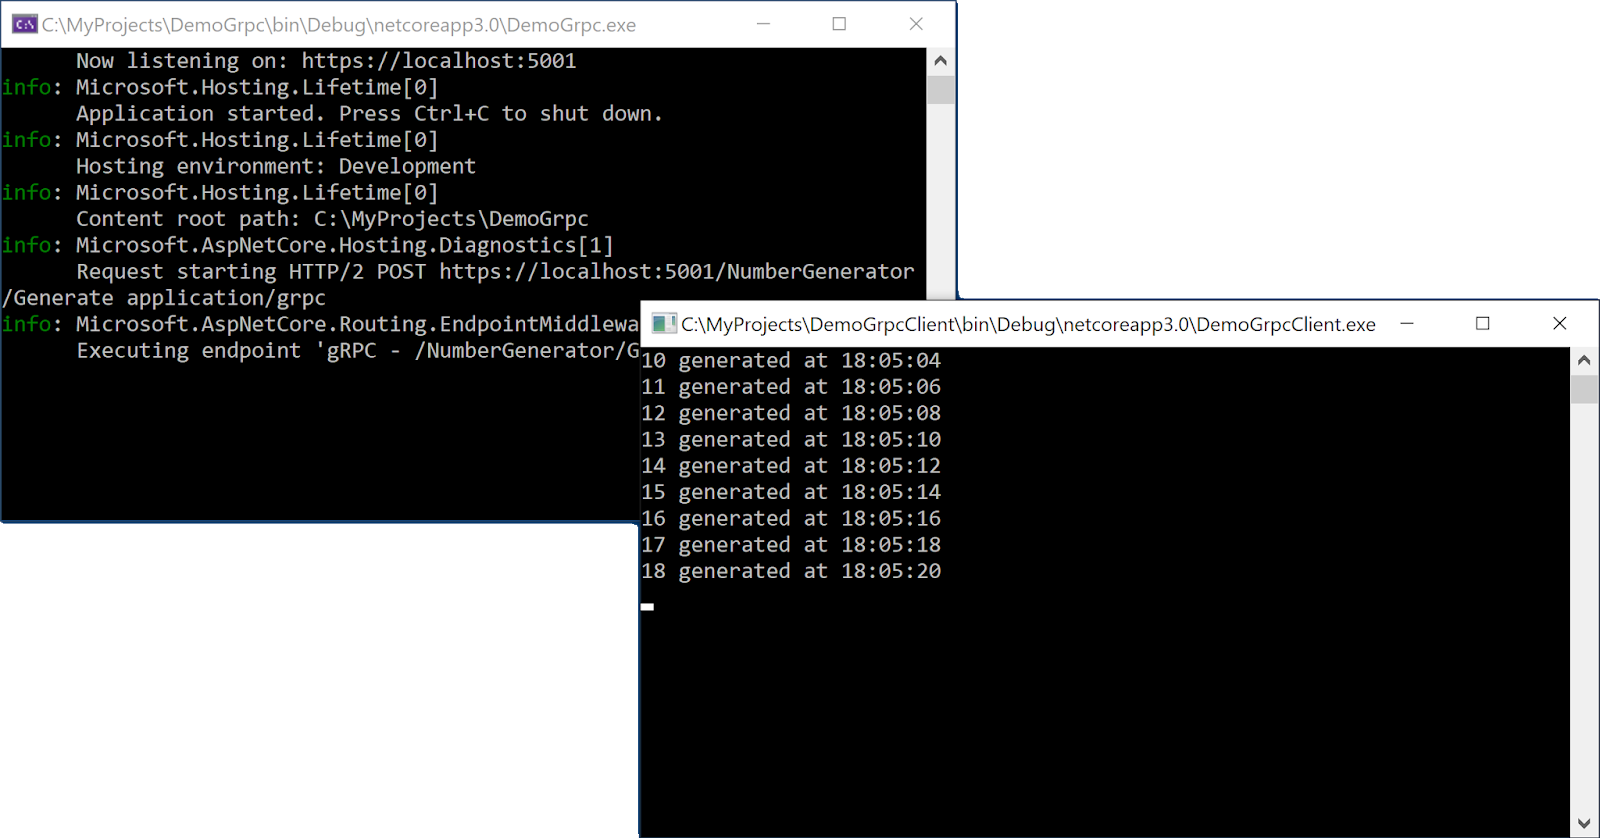 Cliente y servidor en ejecución